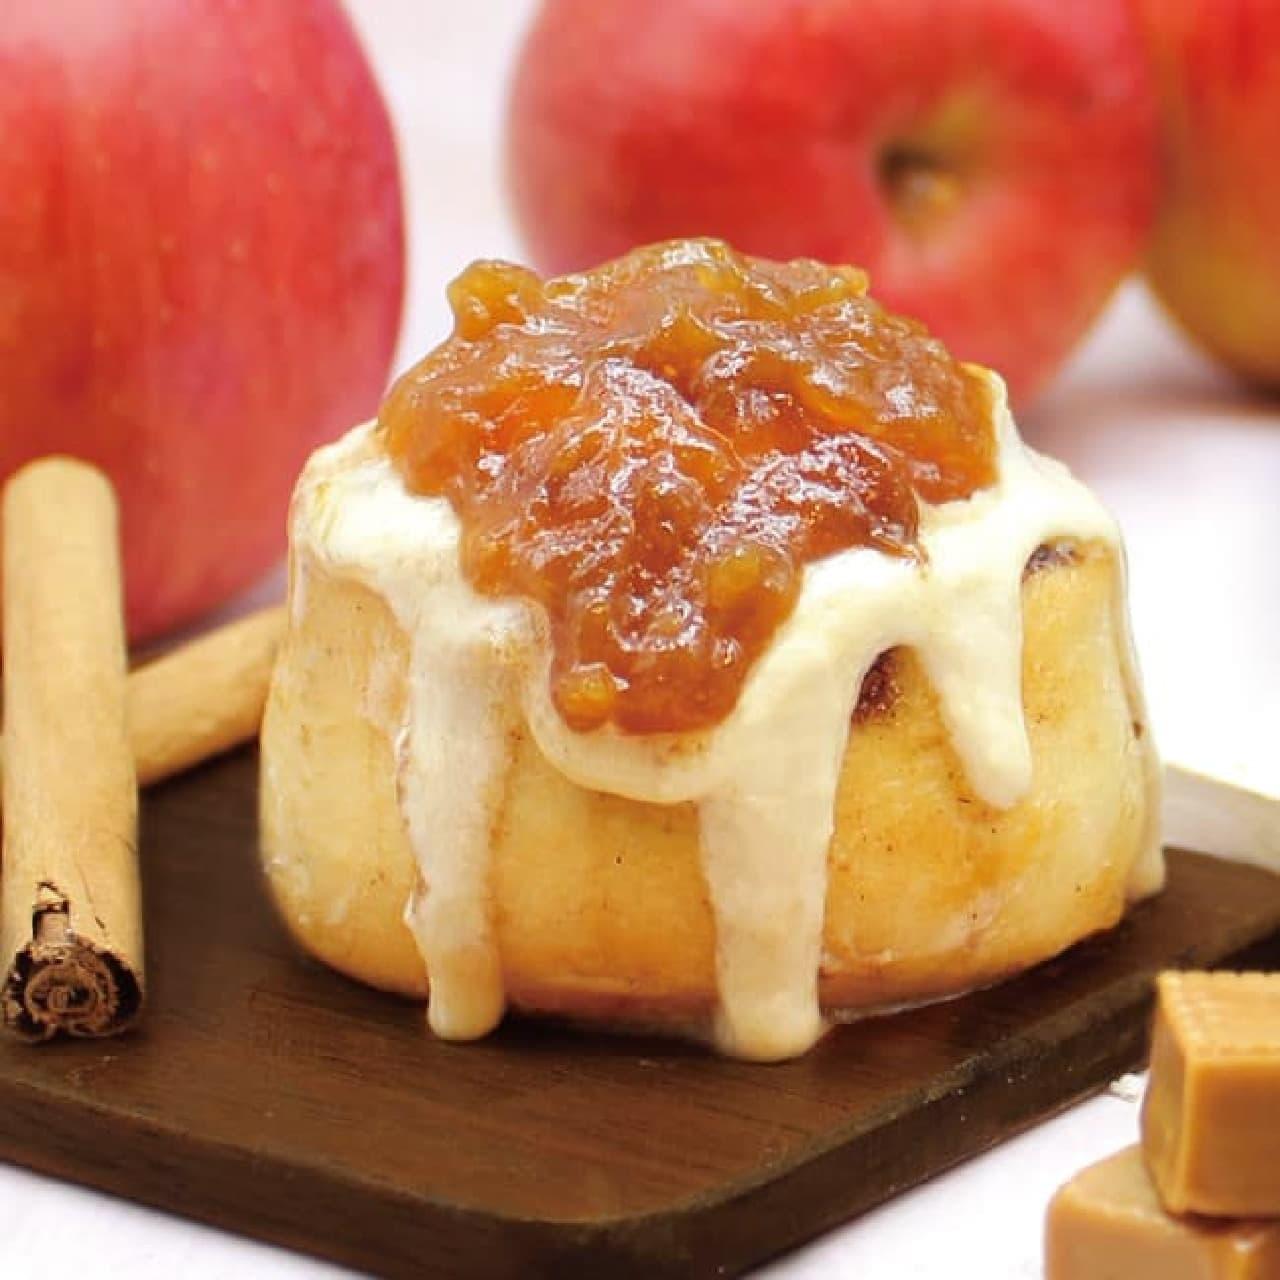 シナボン「キャラメルりんごミニボン」